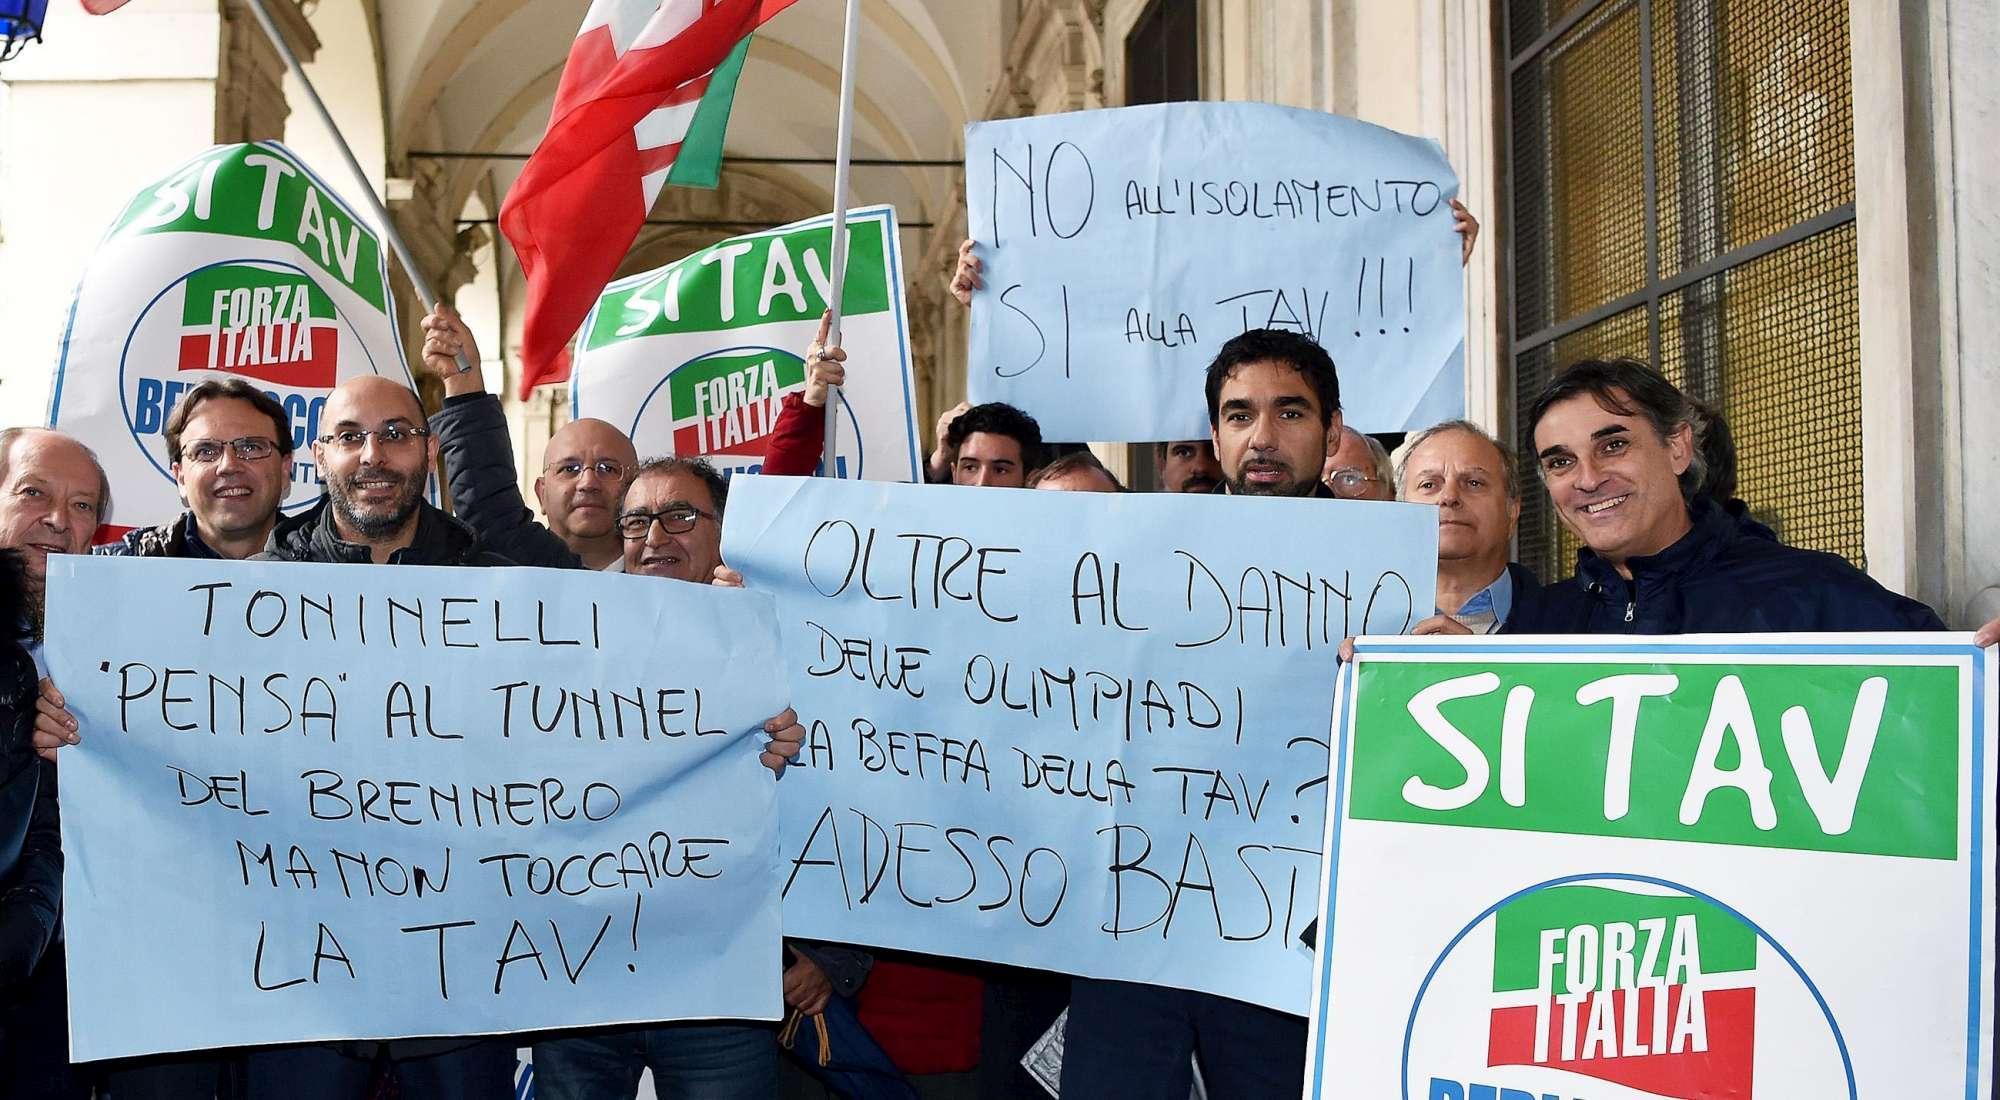 Sì Tav  al comune di Torino:  Non ci ascoltano